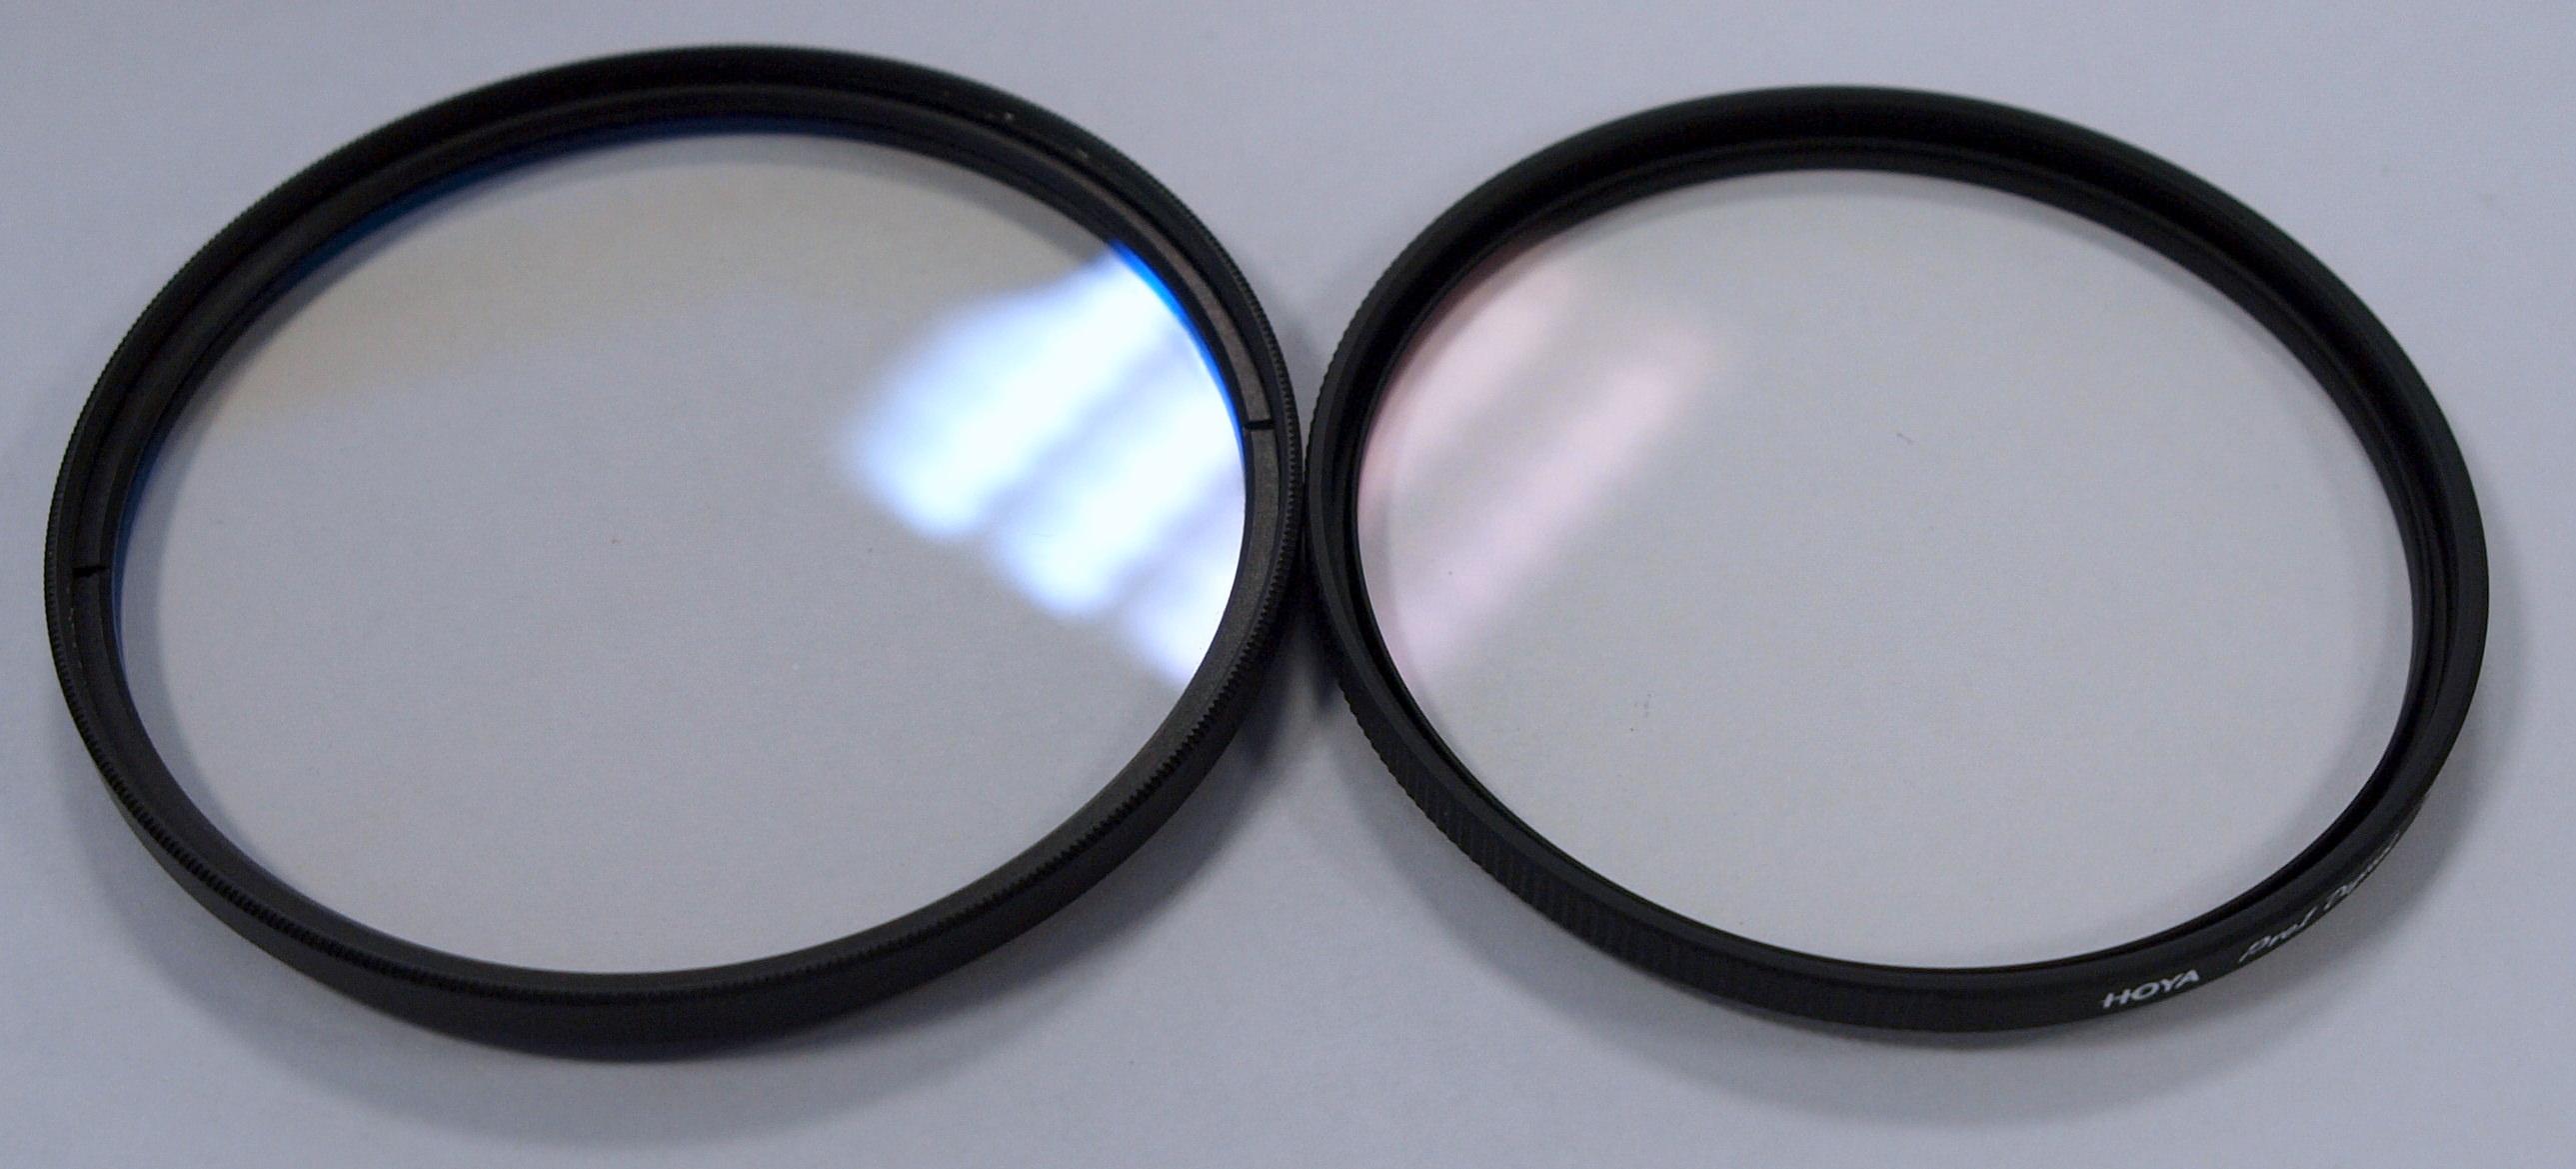 Hoya Pro1 Digital Fake Filters Found Uv Pro 1 Filter 58mm Left Real Right